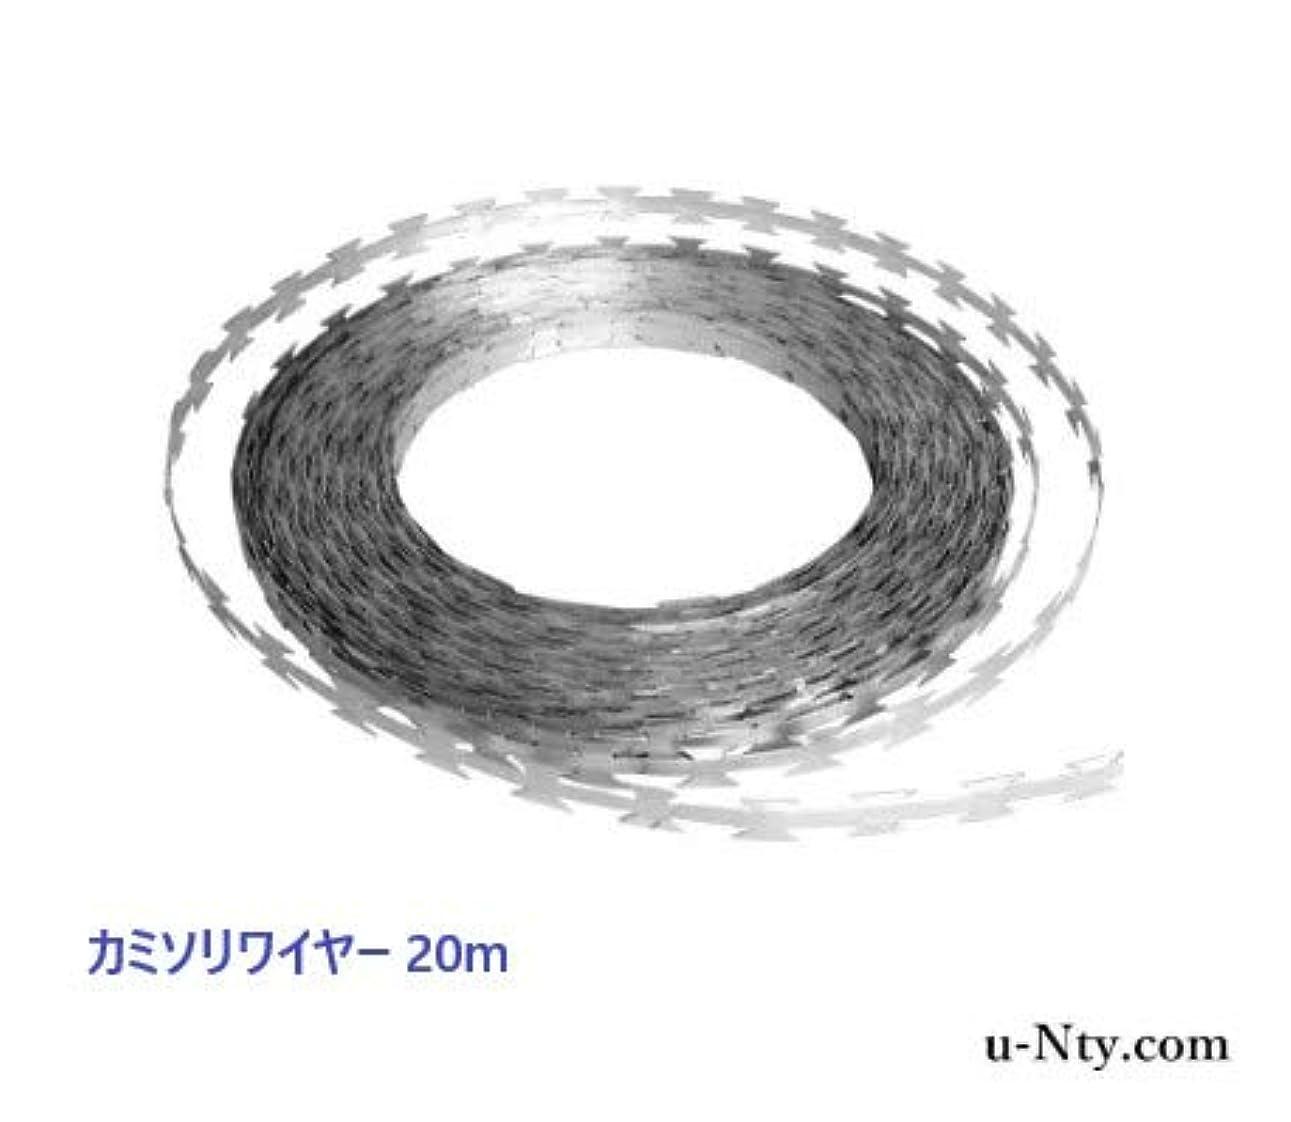 植生パス表面[究極の有刺鉄線] メッキ製 カミソリワイヤー 20m 防犯 防獣 侵入防止 農業被害対策にも (ステンレスではありません)